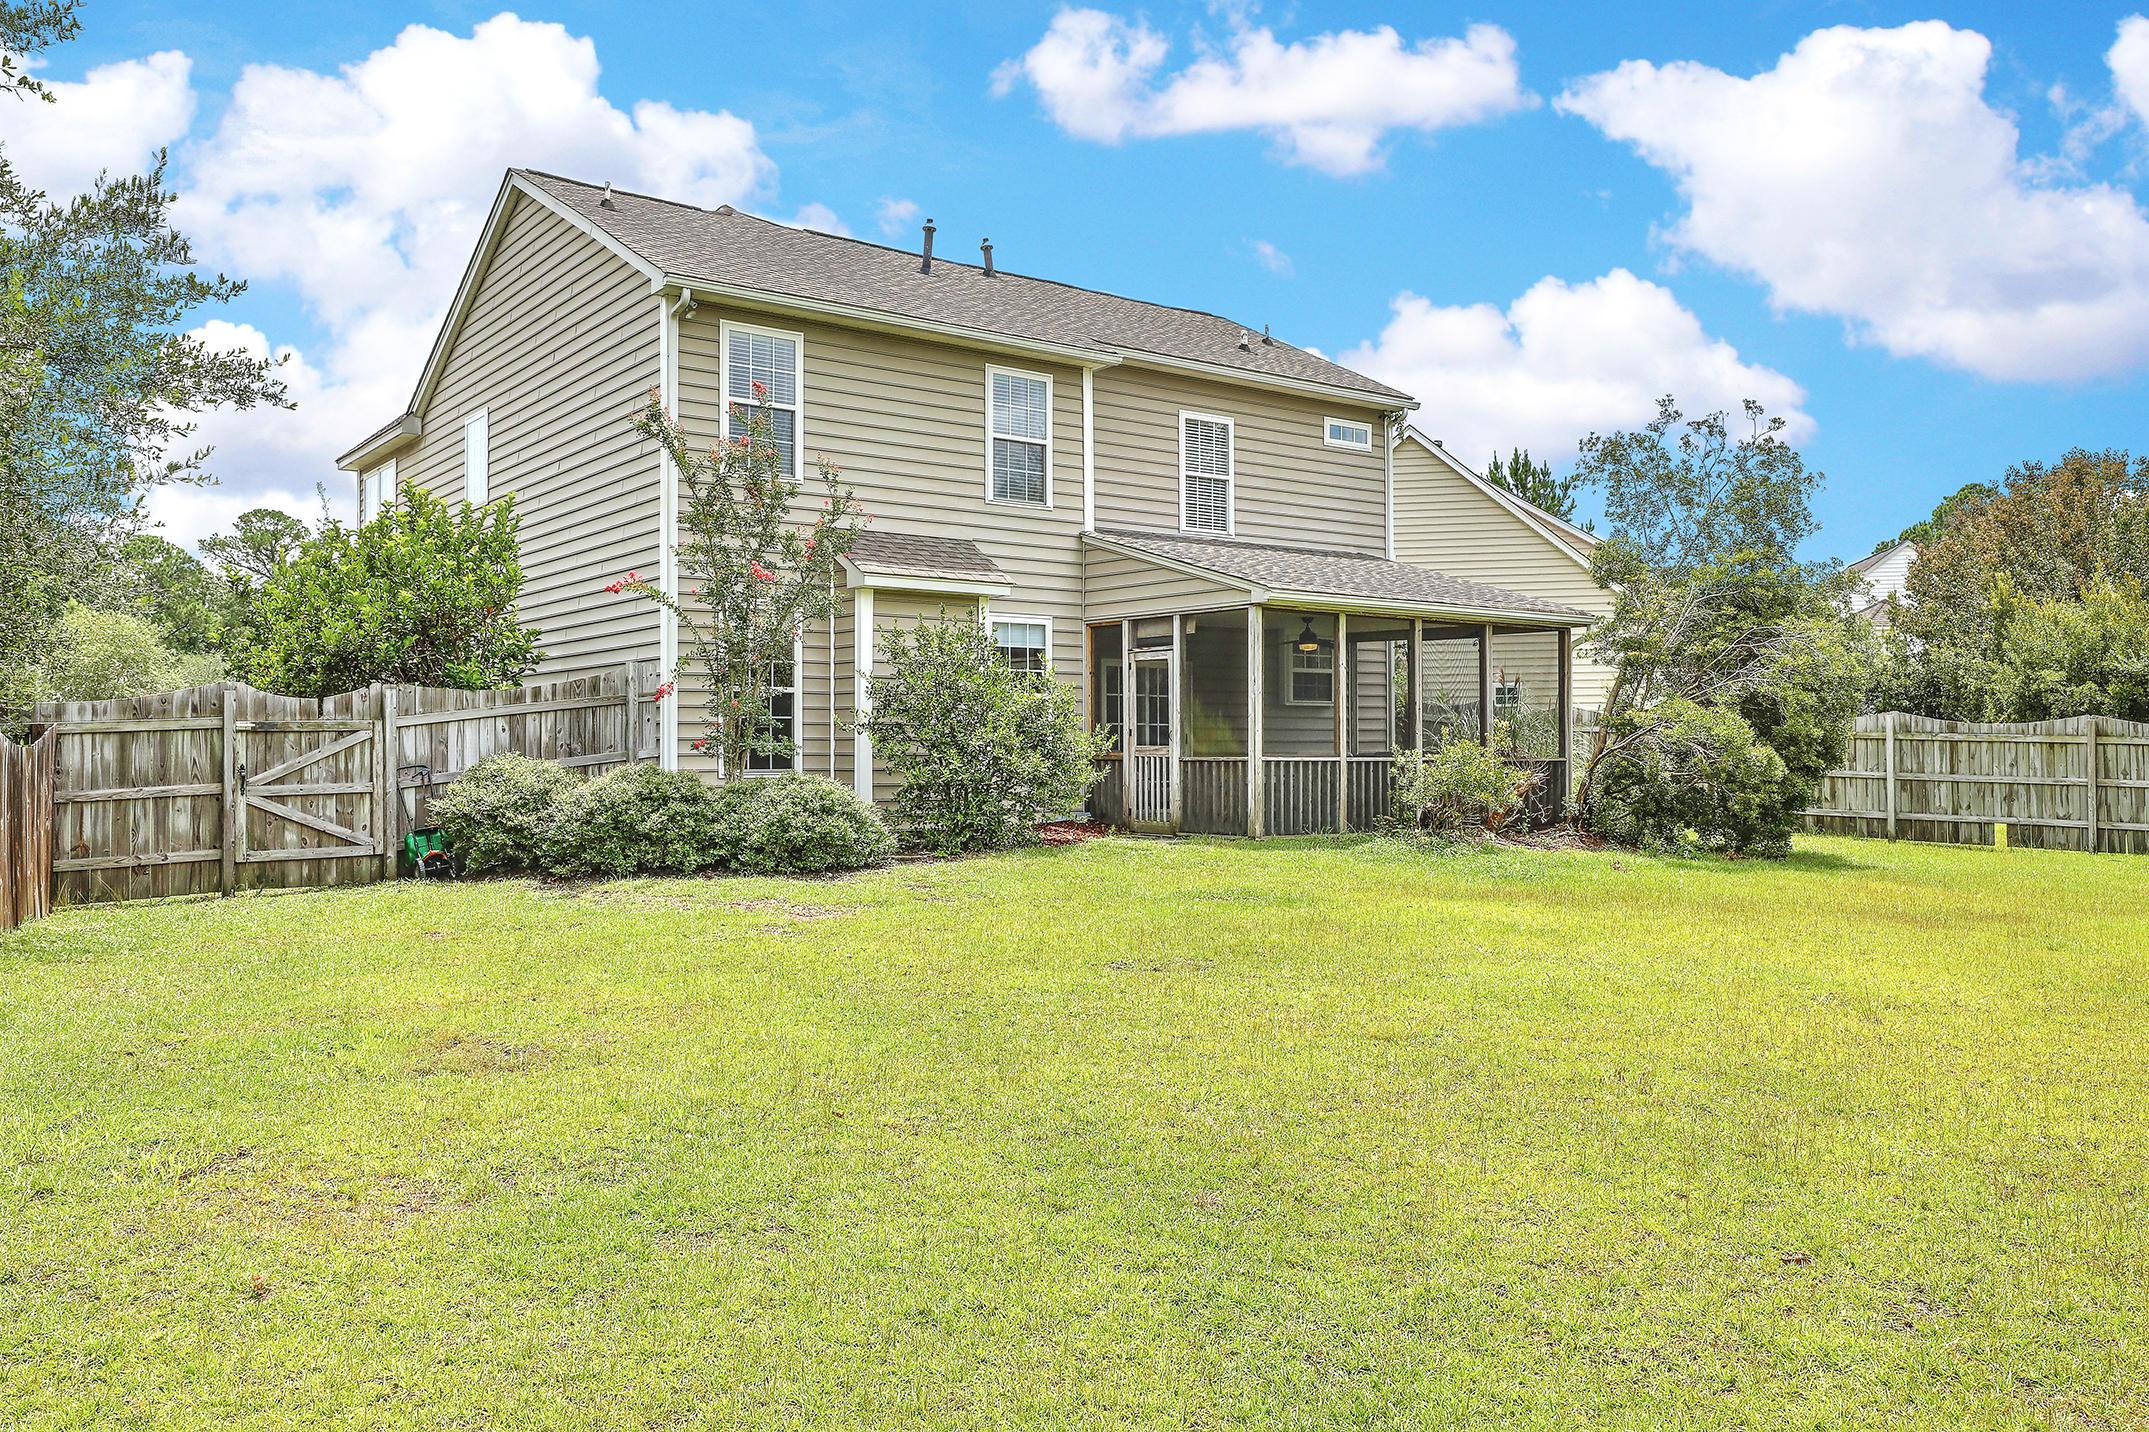 Park West Homes For Sale - 1676 Jorrington, Mount Pleasant, SC - 11